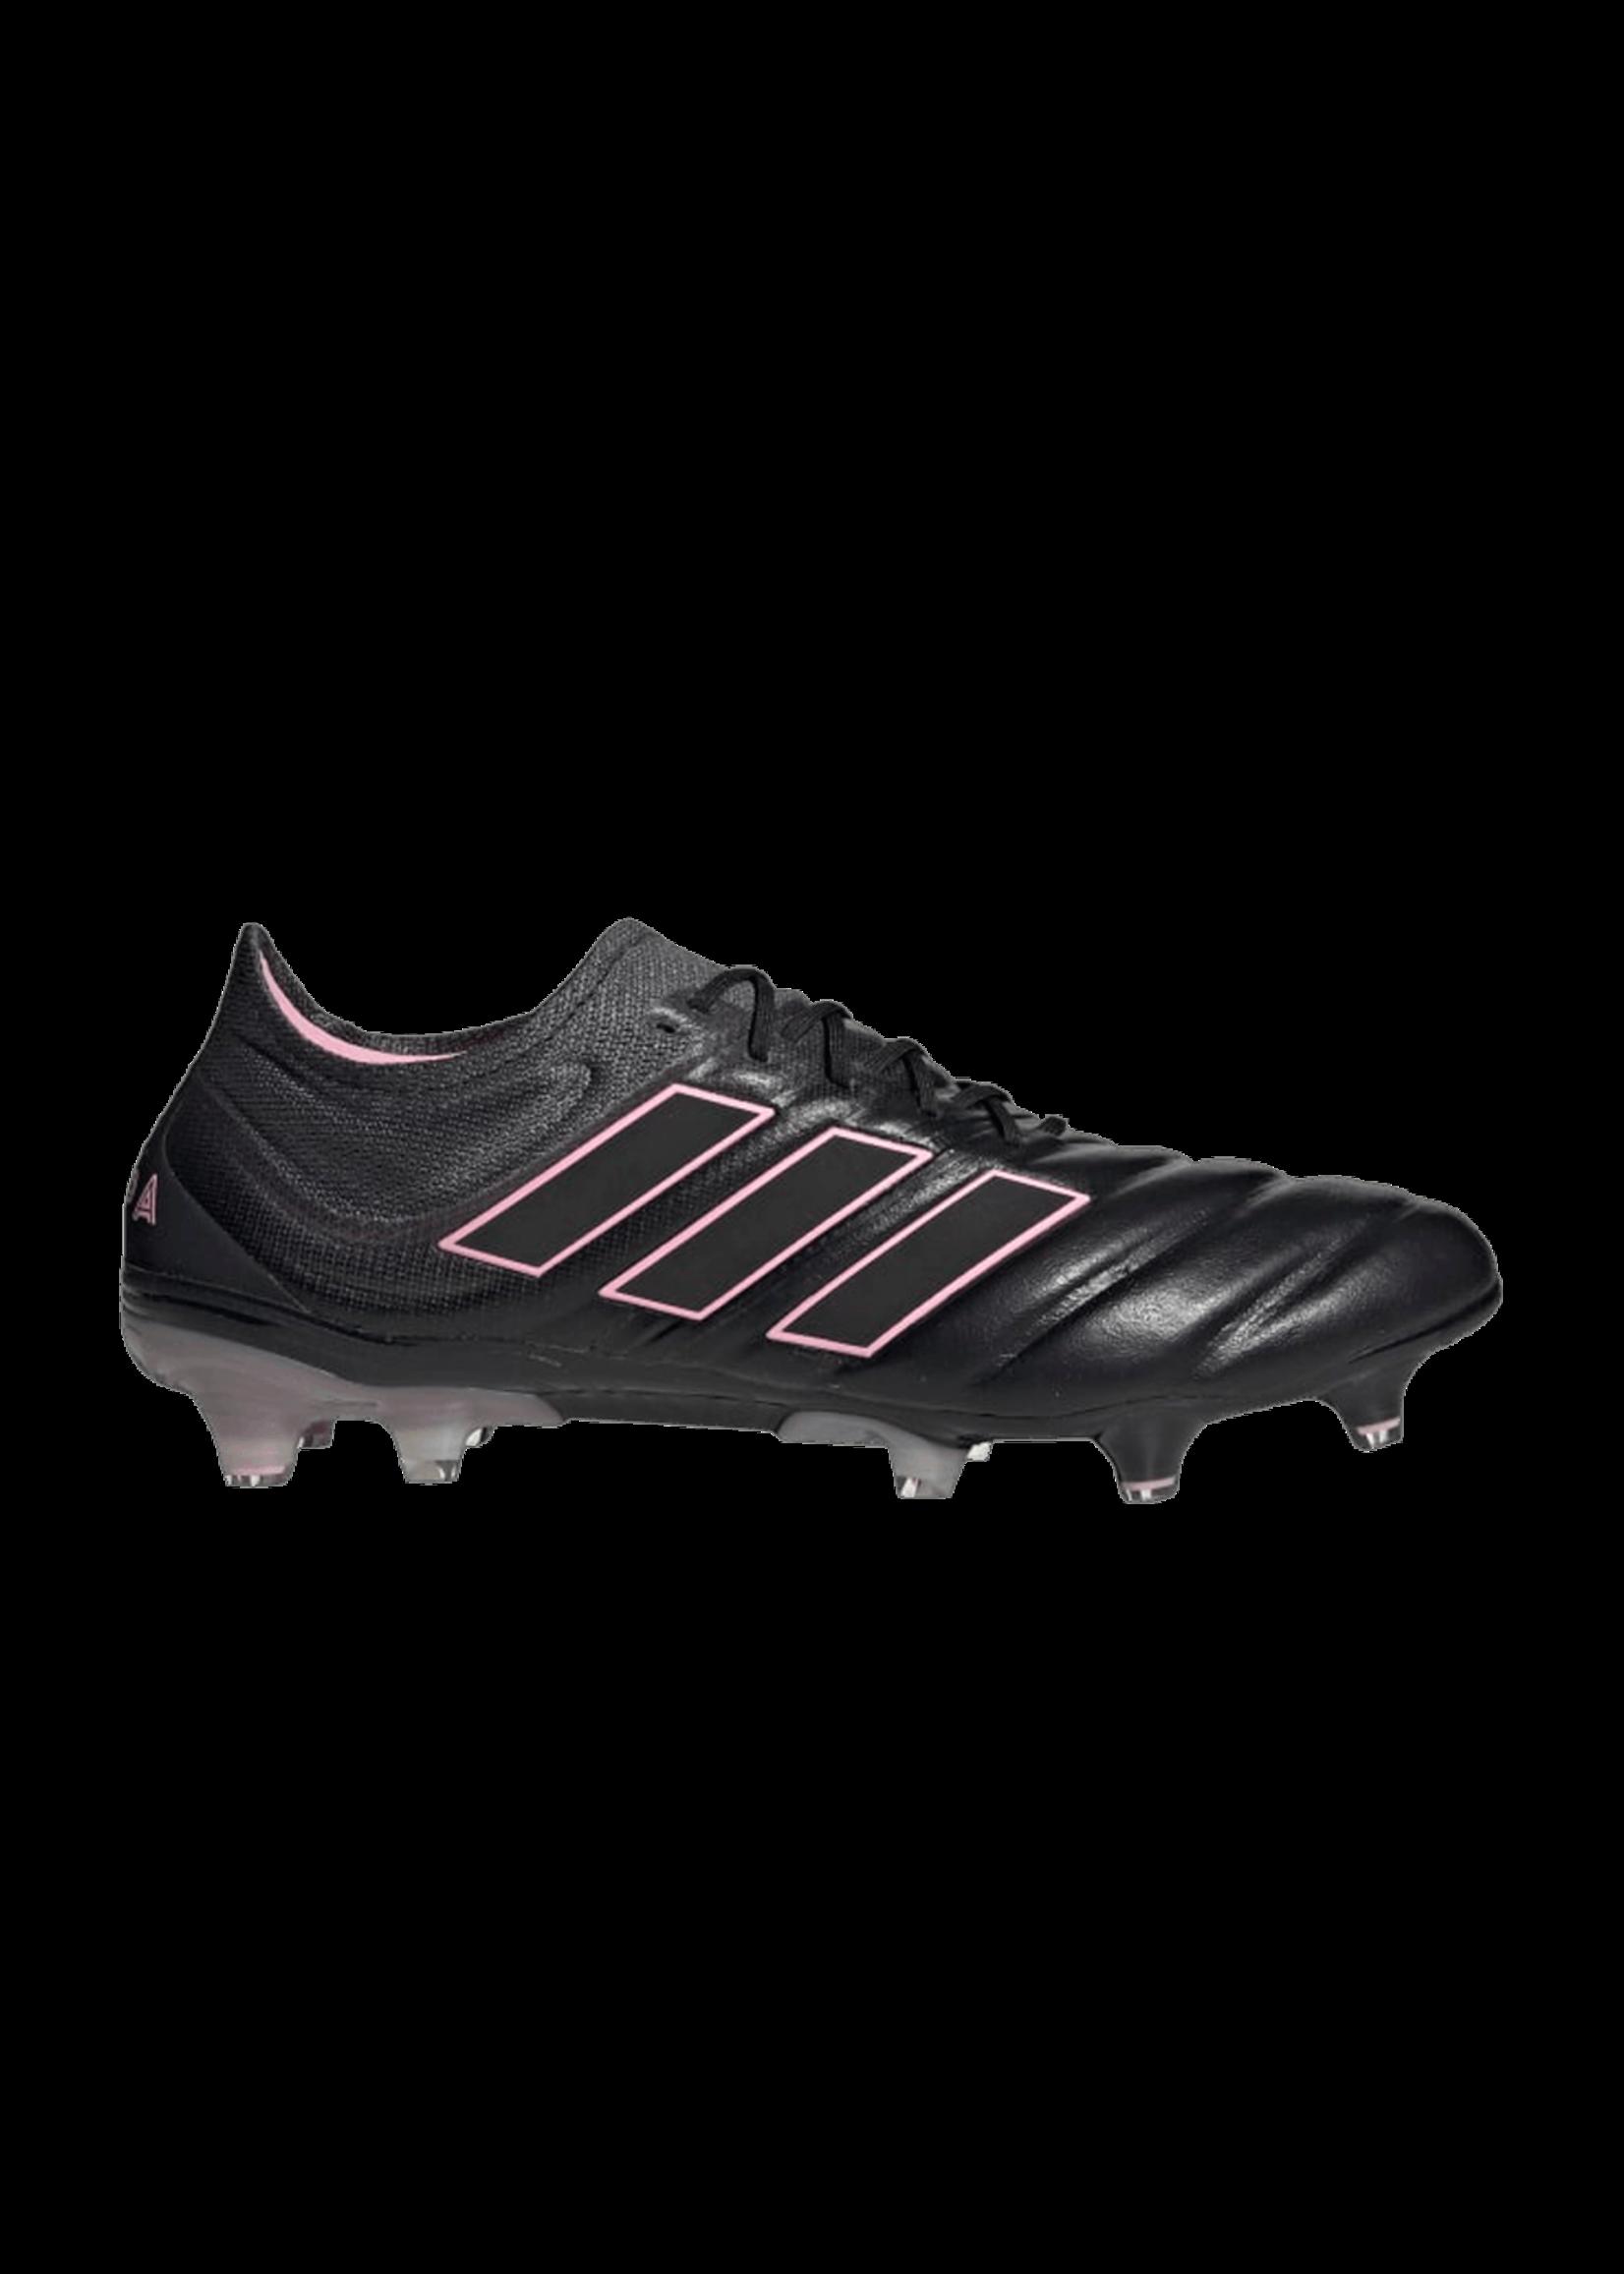 Adidas Copa 19.1 Womens FG - Black/Pink